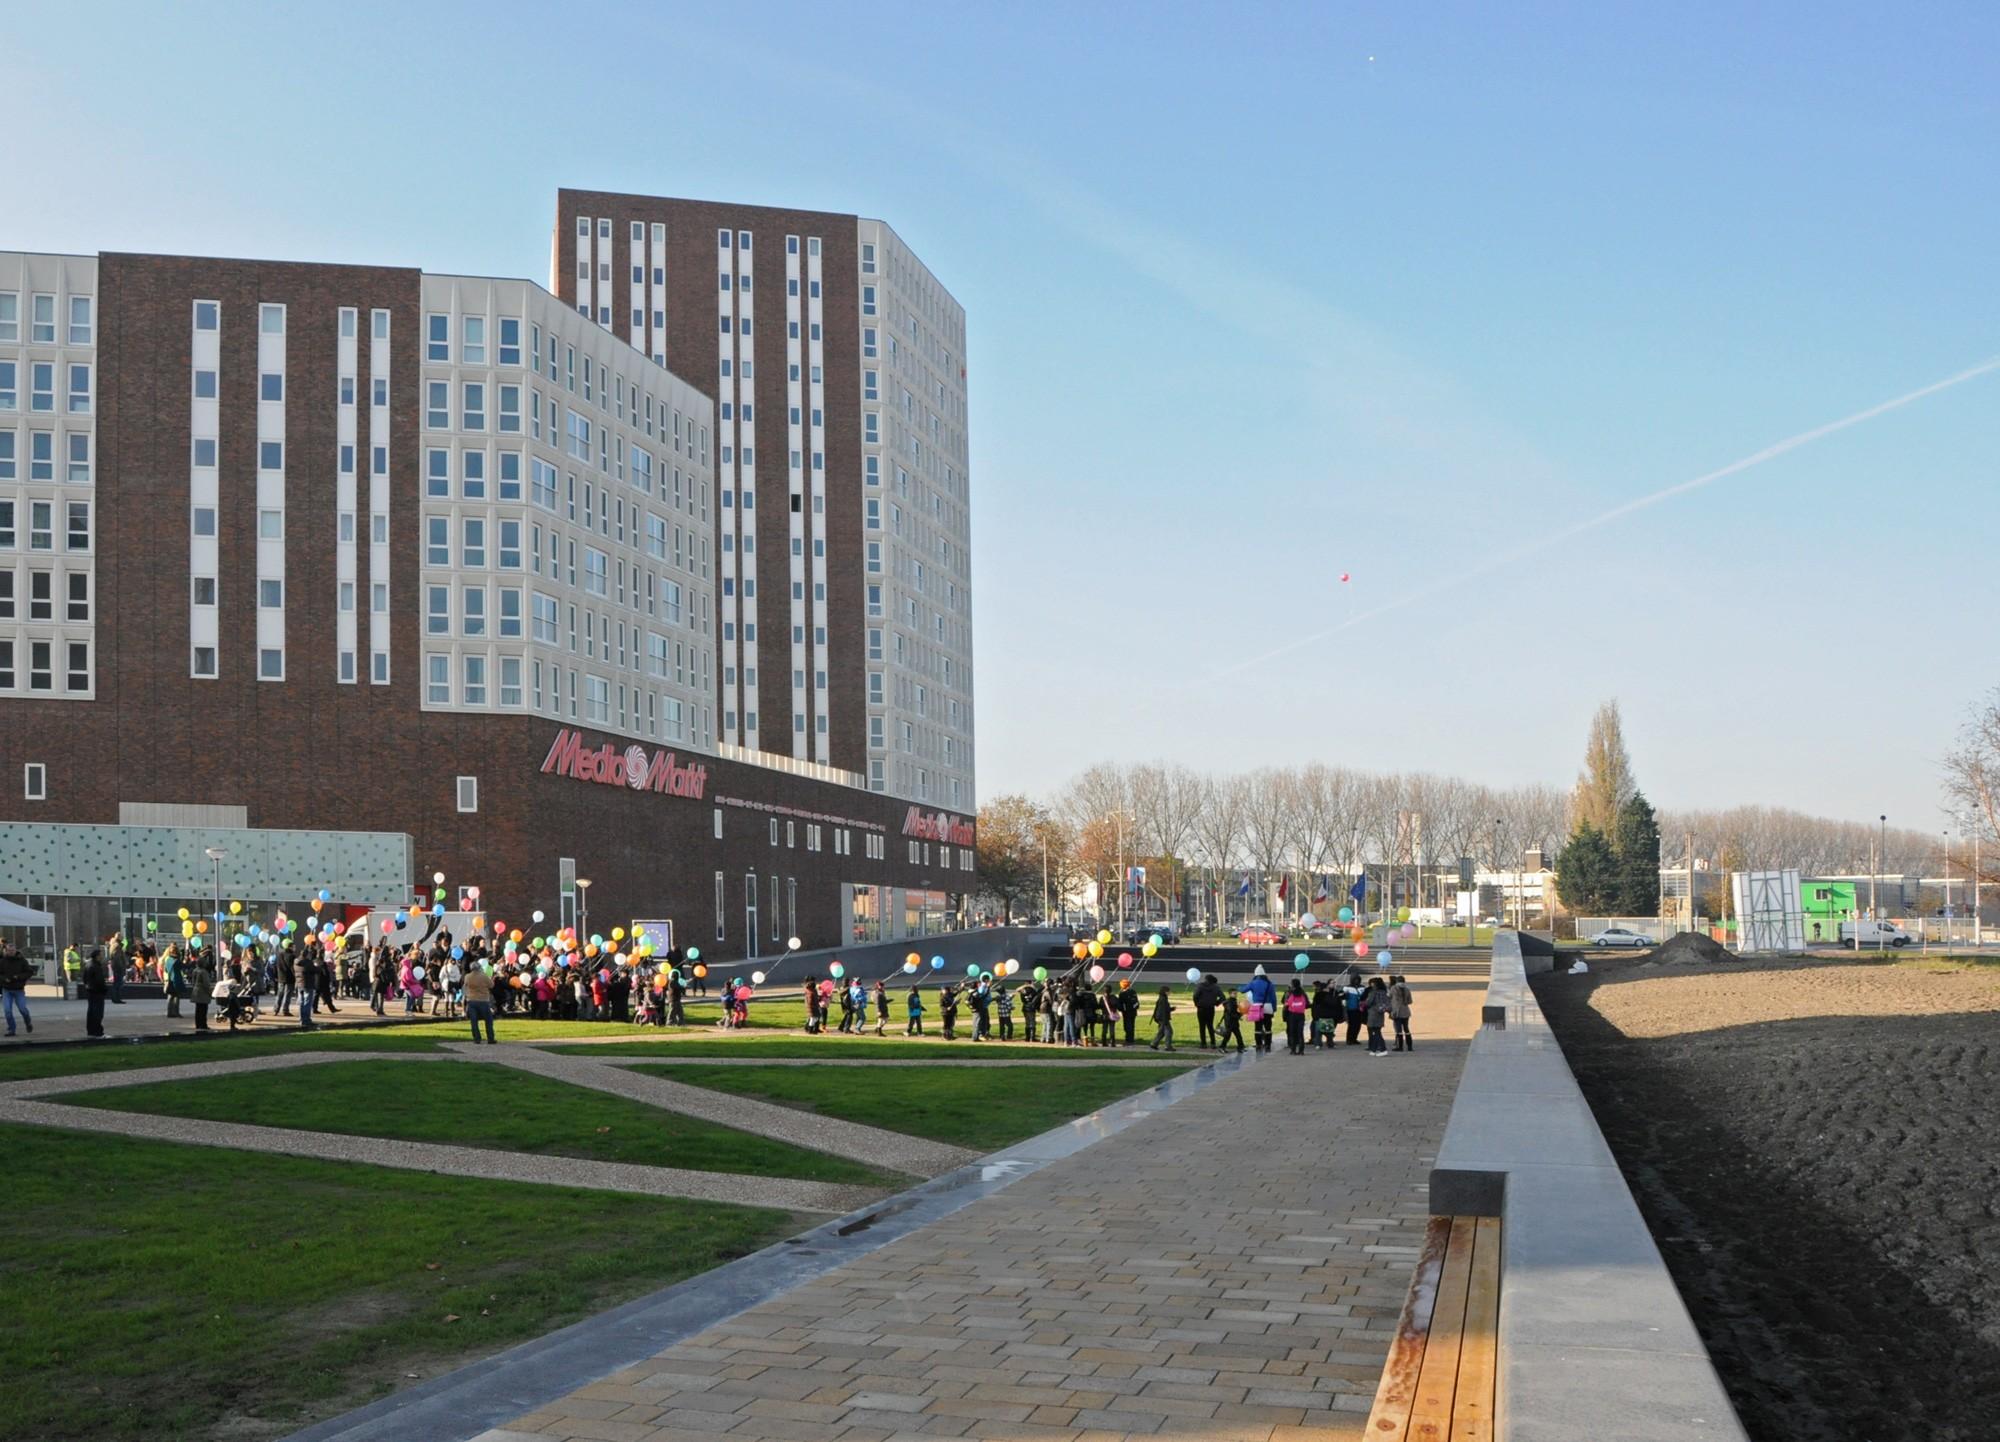 BKT_De_zwarte_hond_havensteder_nieuwbouw_woningbouw_appartementen_mediamarkt_sprangersbouw_overdracht_Rotterdam_Feyenoord_herstructurering_07.jpg